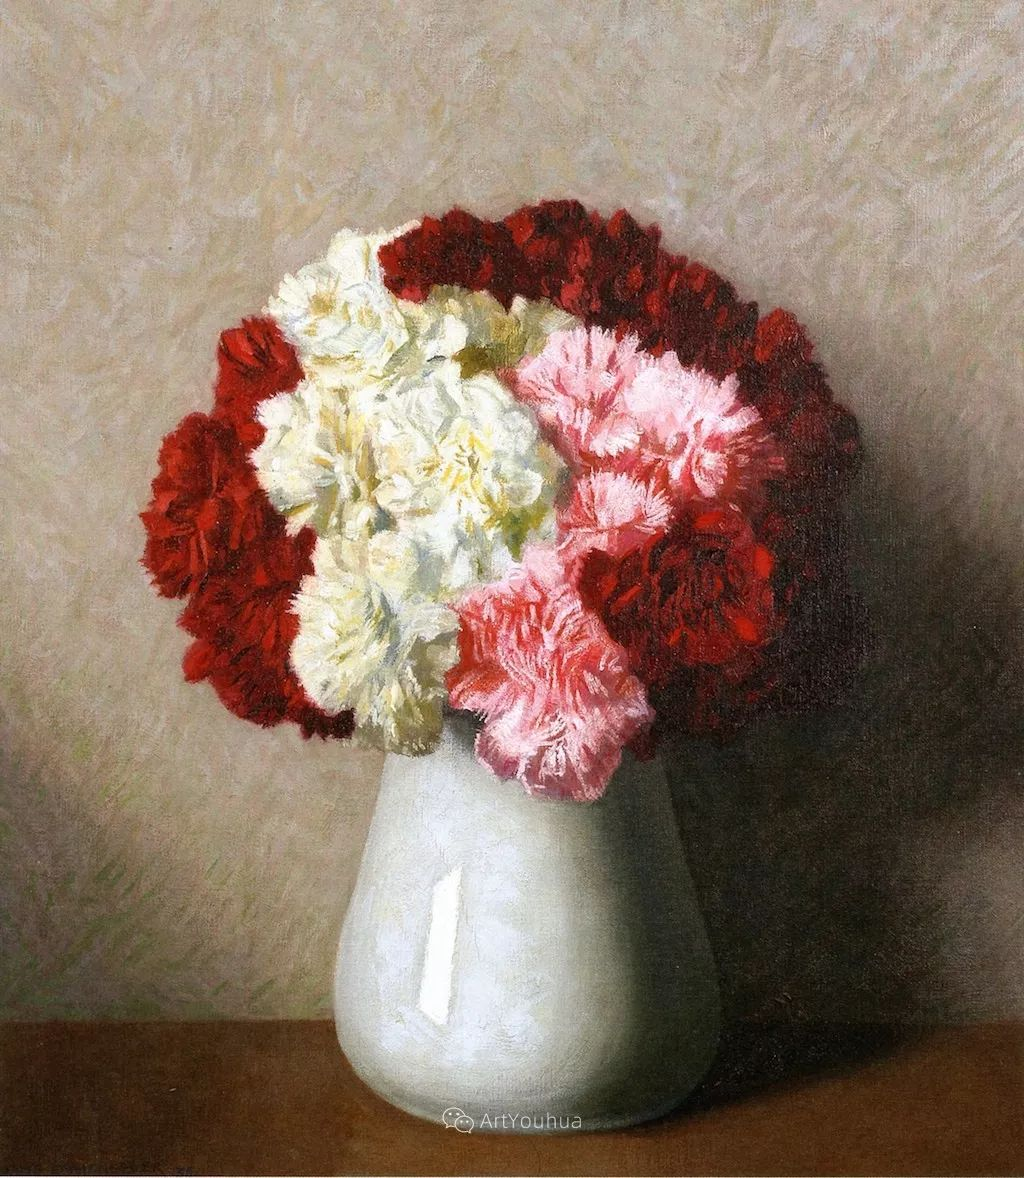 瑞士艺术家汉斯·埃默尼格素雅的风格静物油画作品赏析